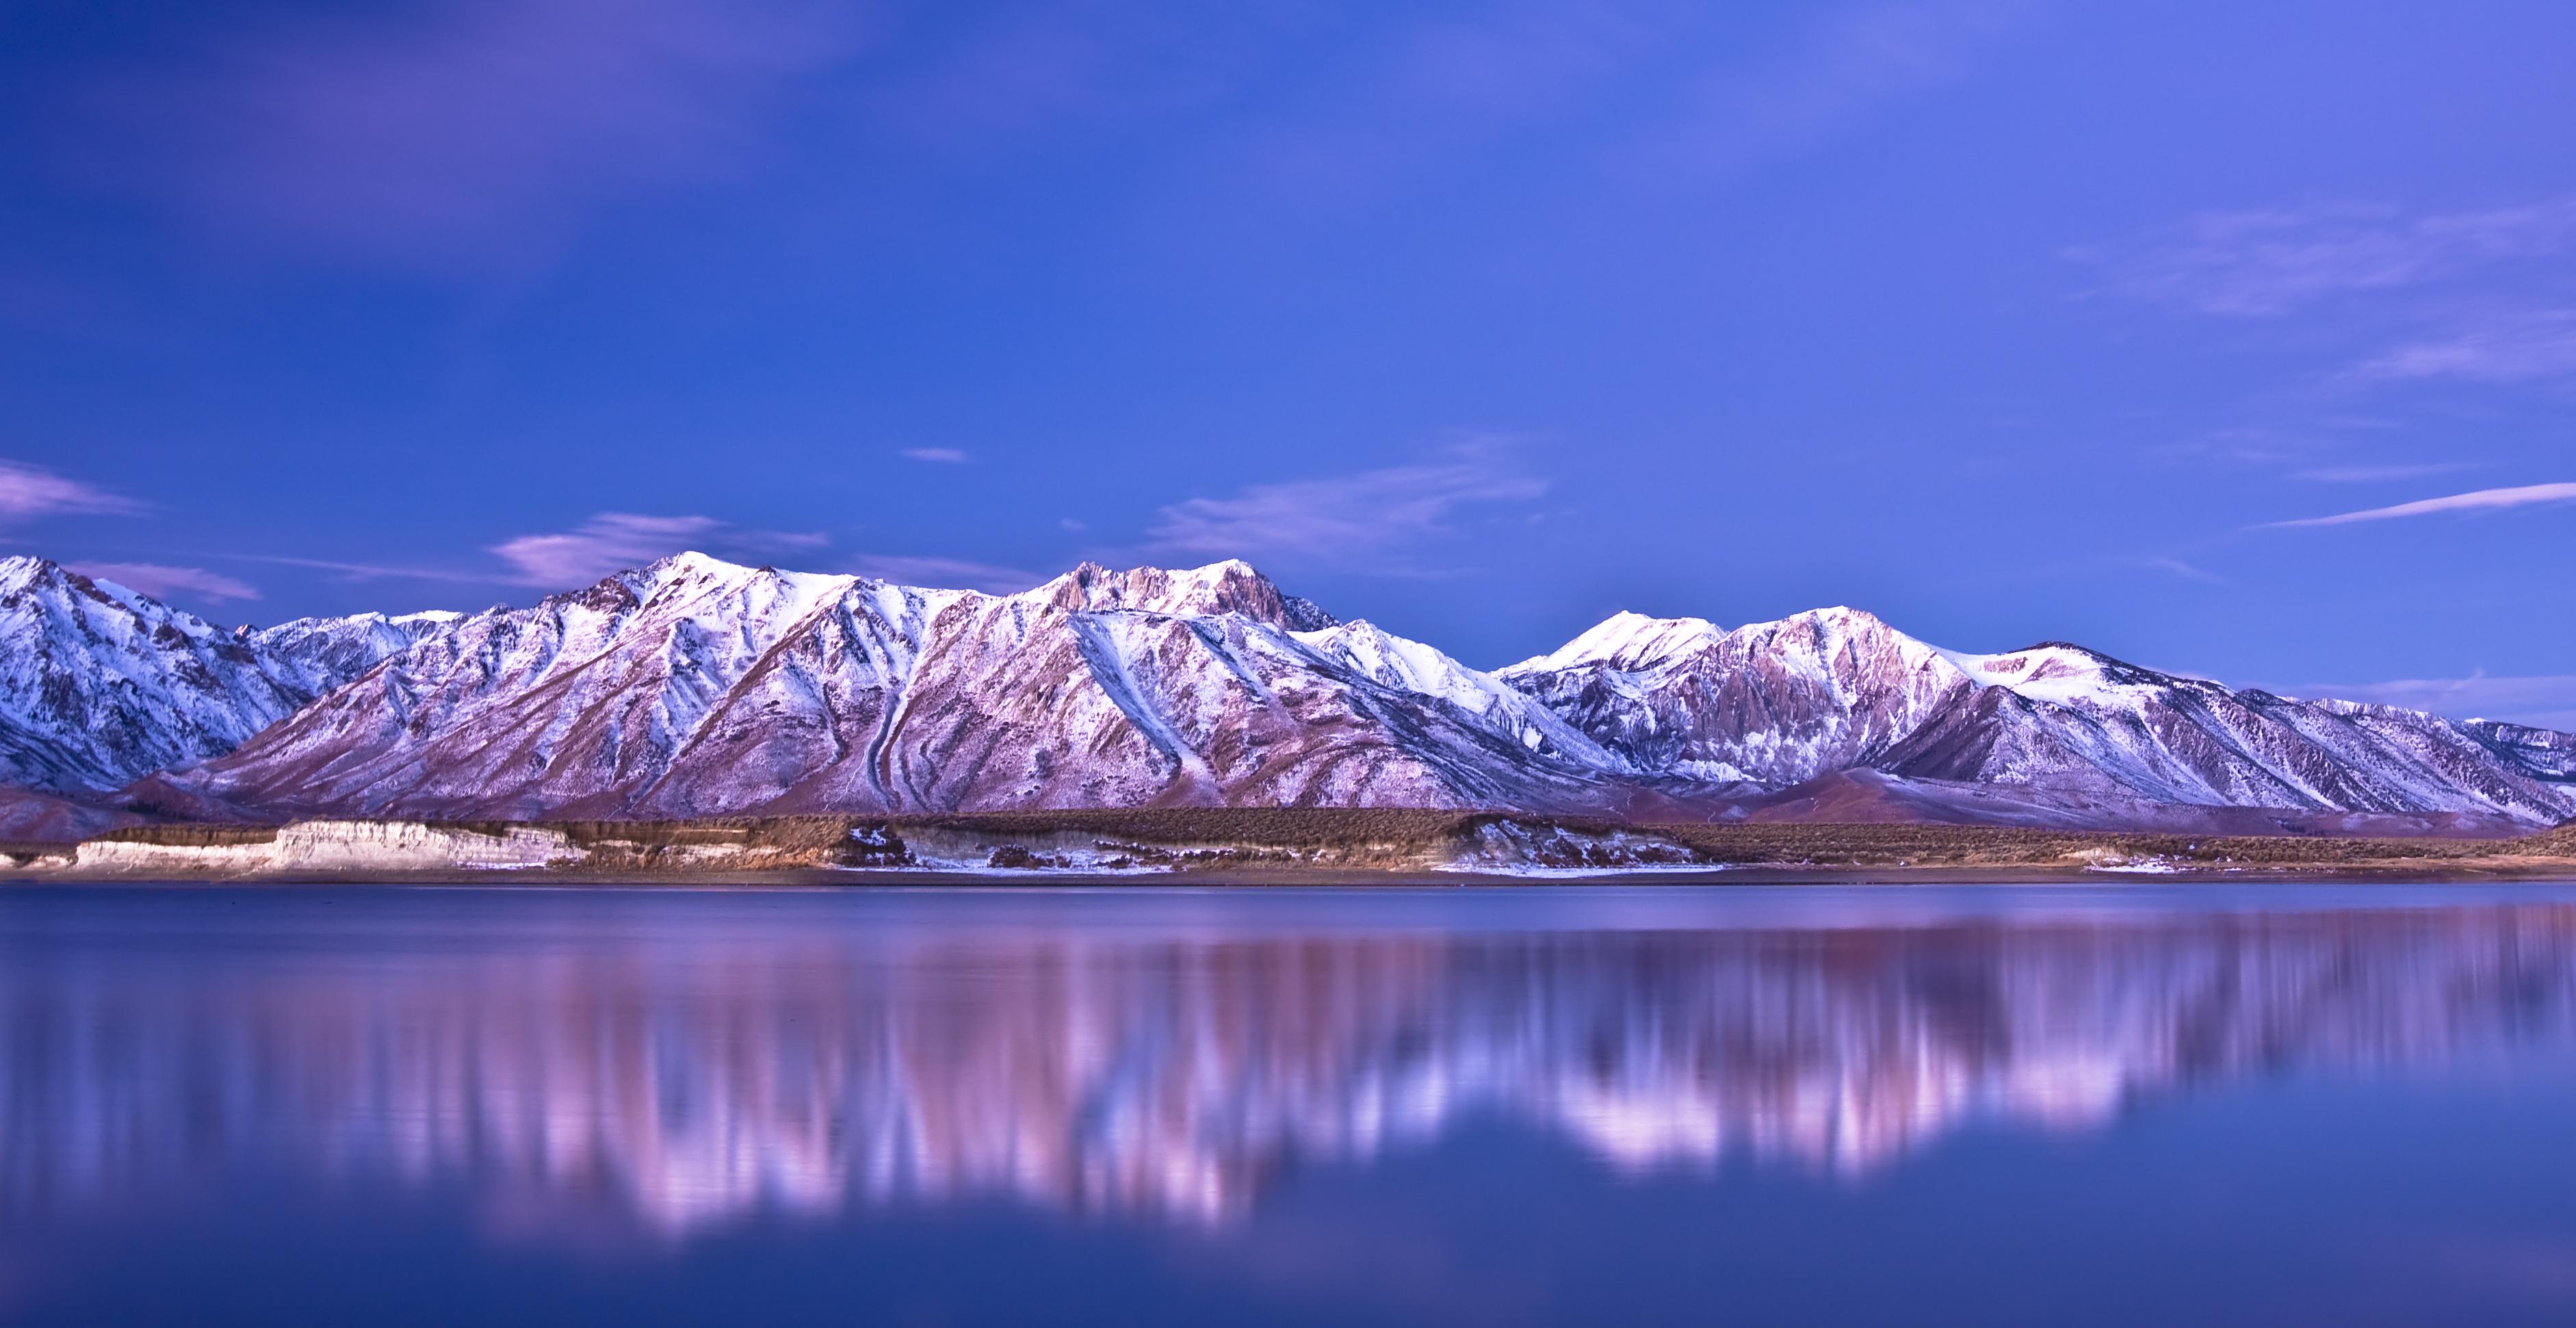 озеро горы снег  № 2476801 без смс